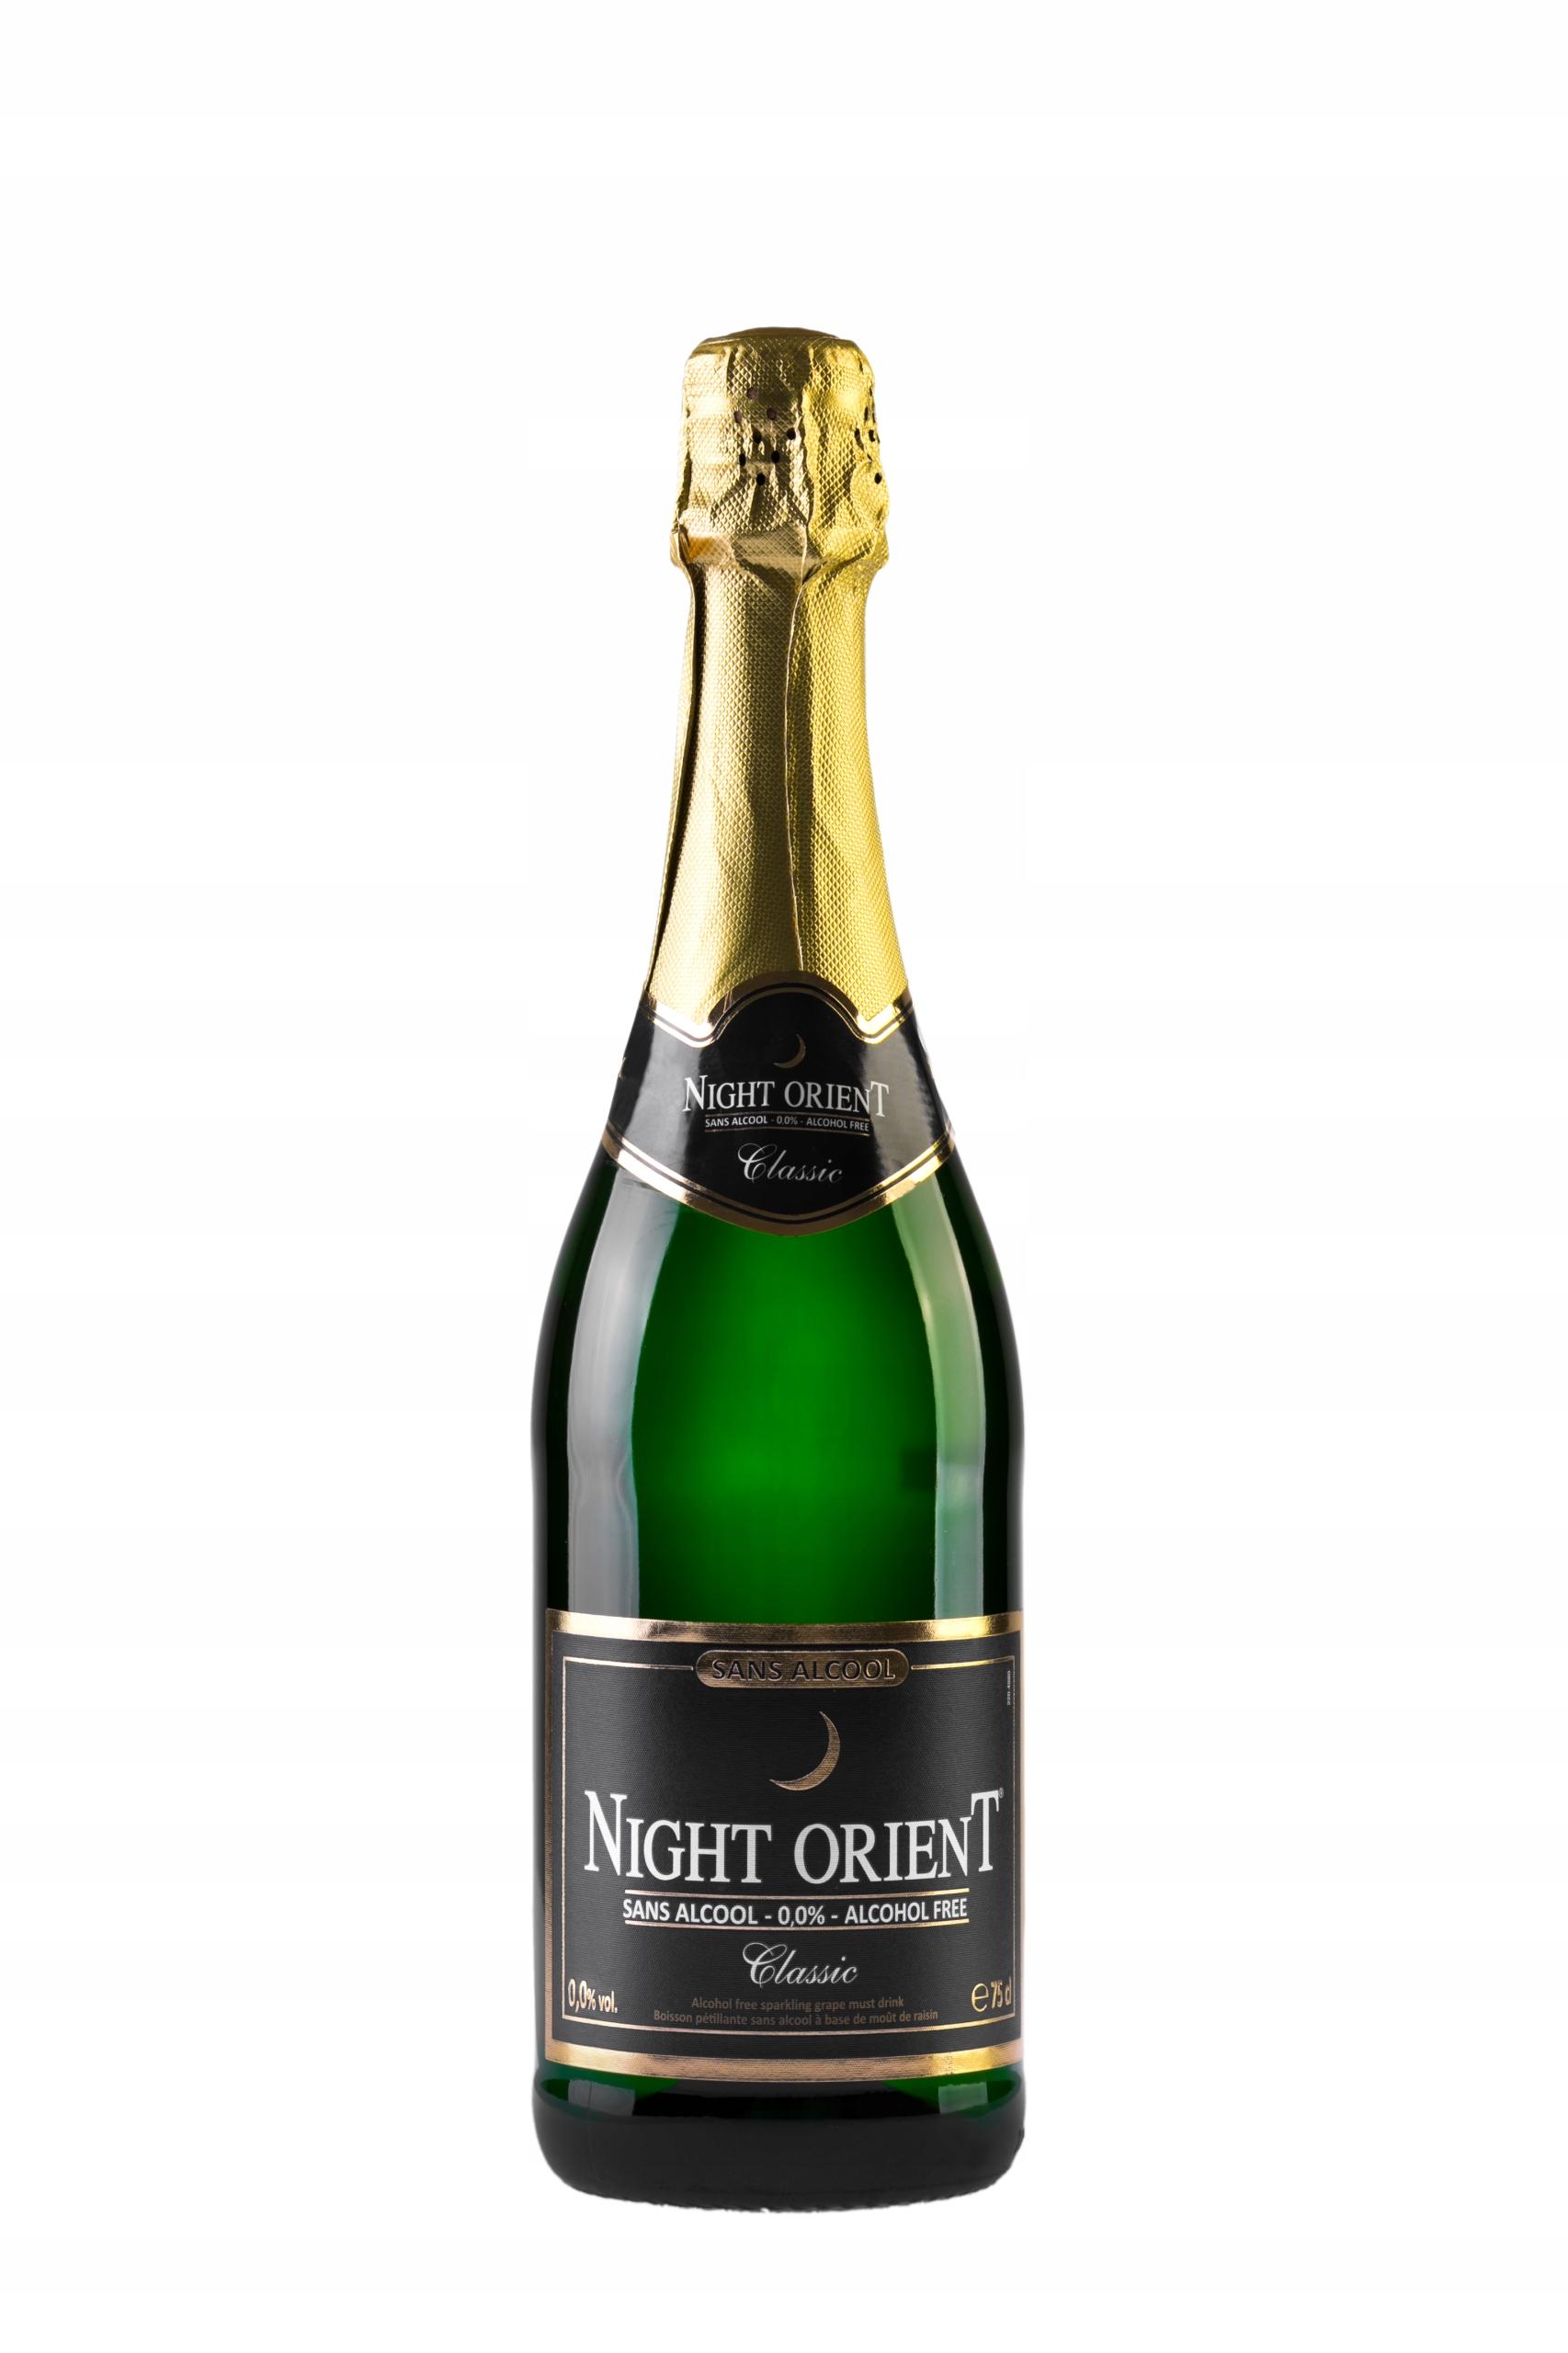 NIGHT ORIENT CLASSIC Безалкогольное игристое вино